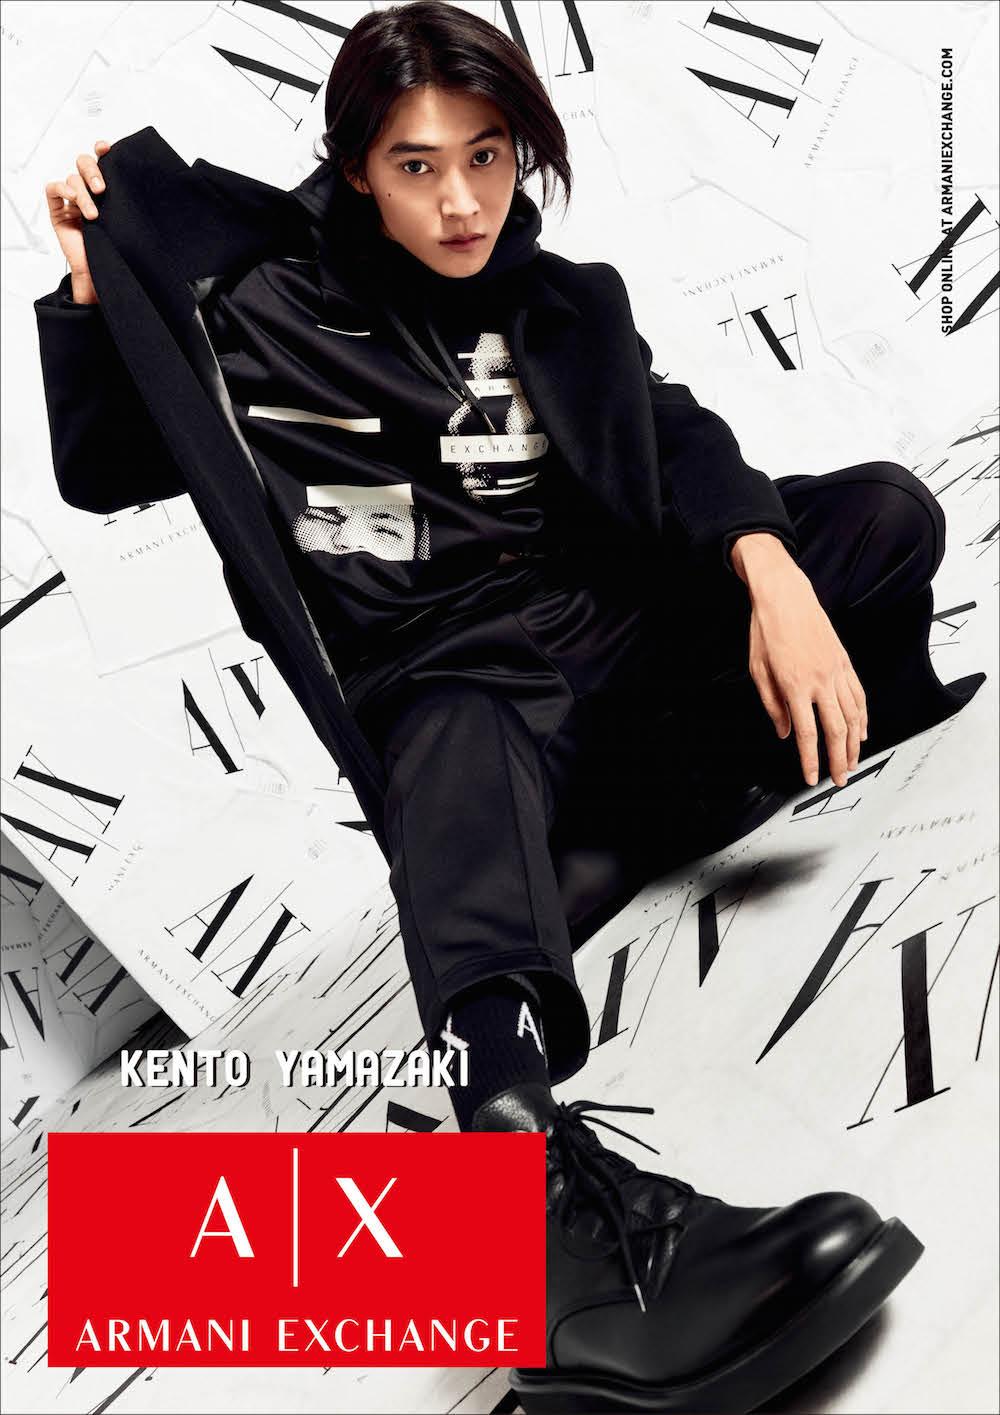 【速報】山﨑賢人さんが『アルマーニ エクスチェンジ』の広告モデルに!キャンペーンビジュアル全部見せます♡_5